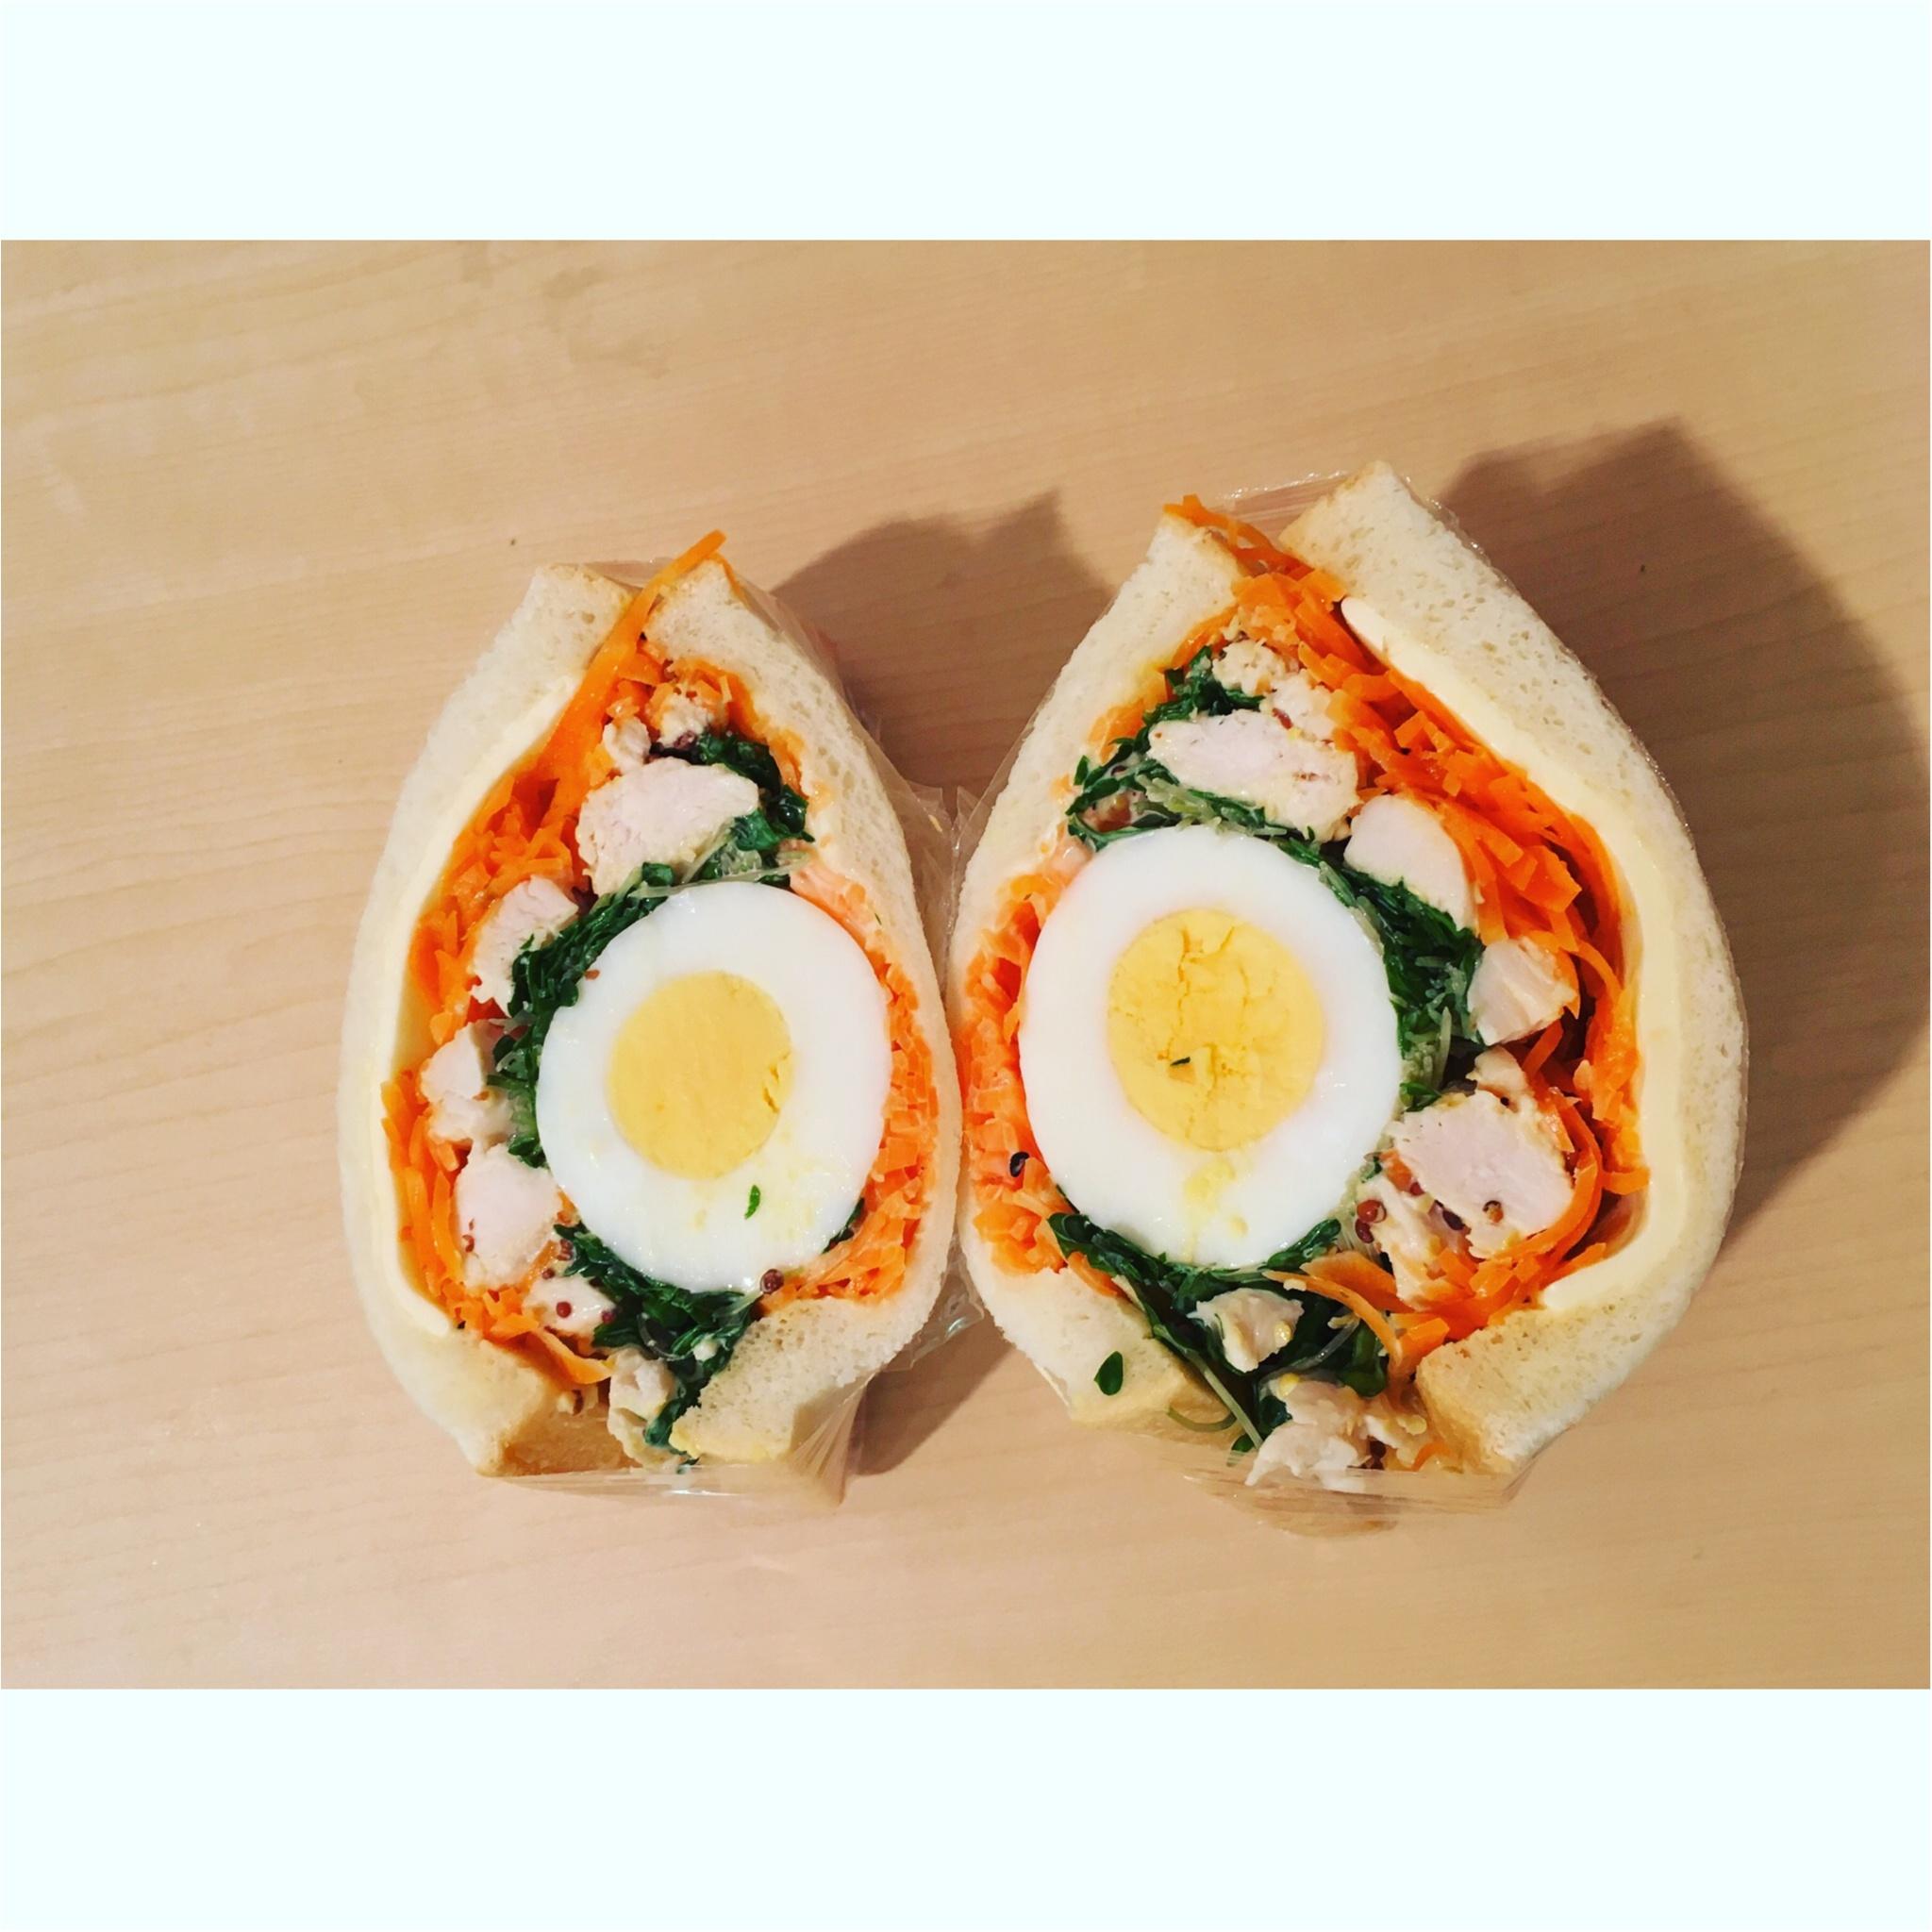 【料理▶︎わんぱくサンド】流行りの「#萌え断」で朝から栄養満点♪私の朝食まとめ☺︎_3